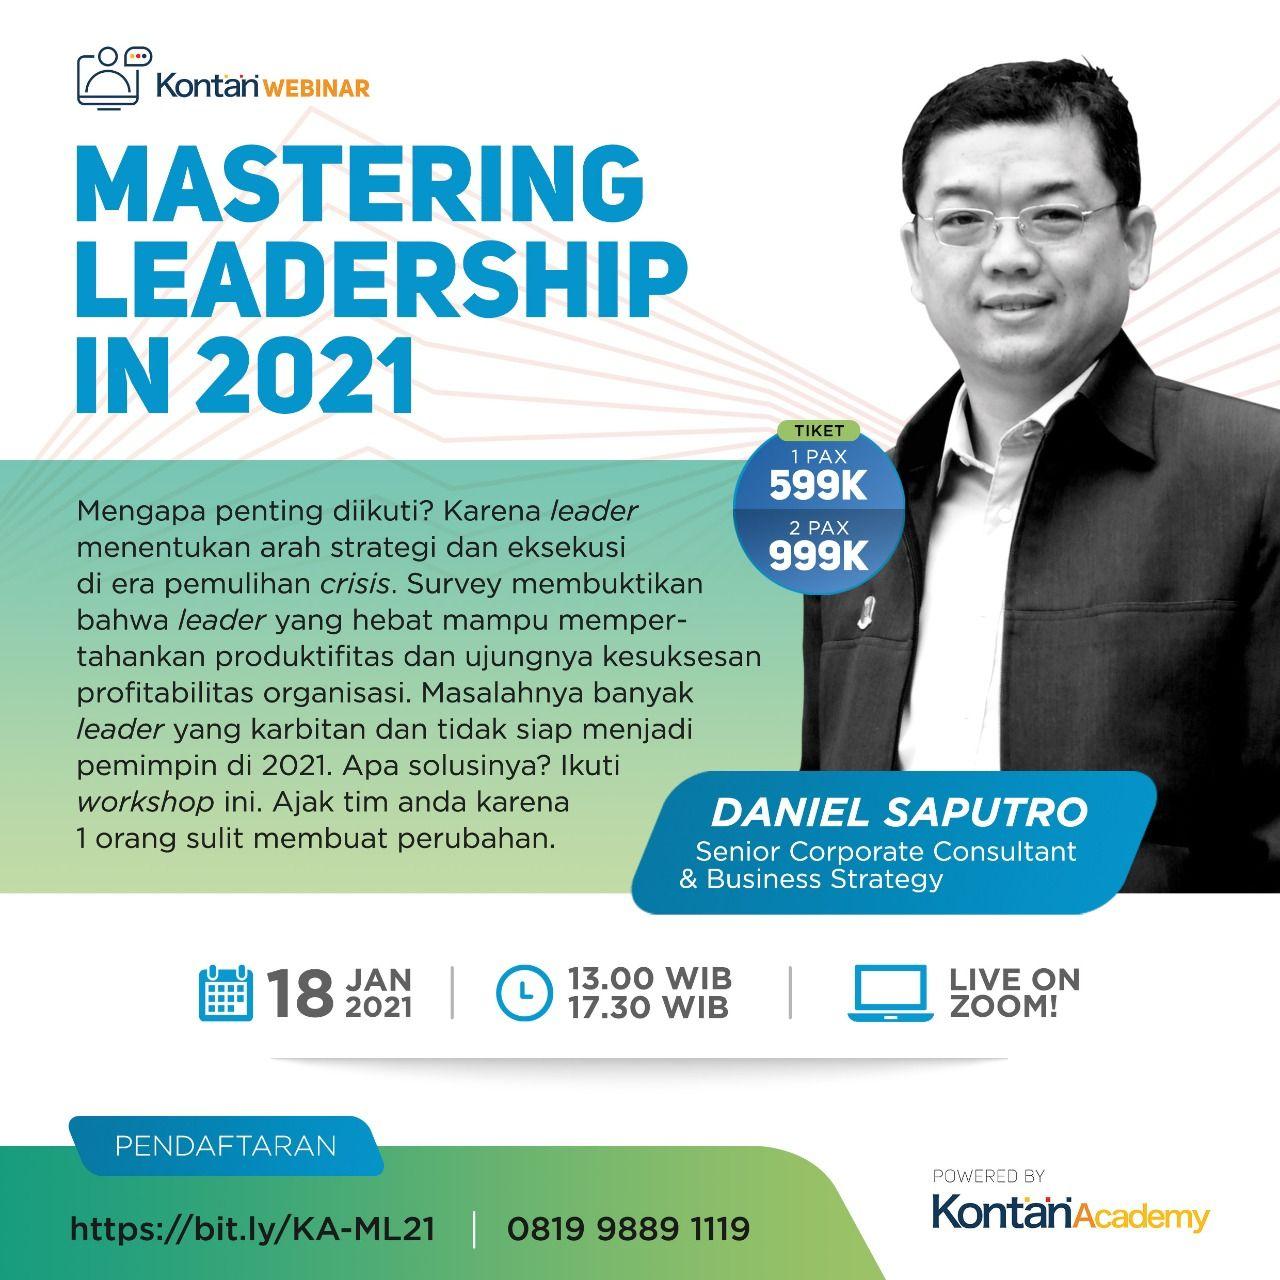 Mastering Leadership in 2021